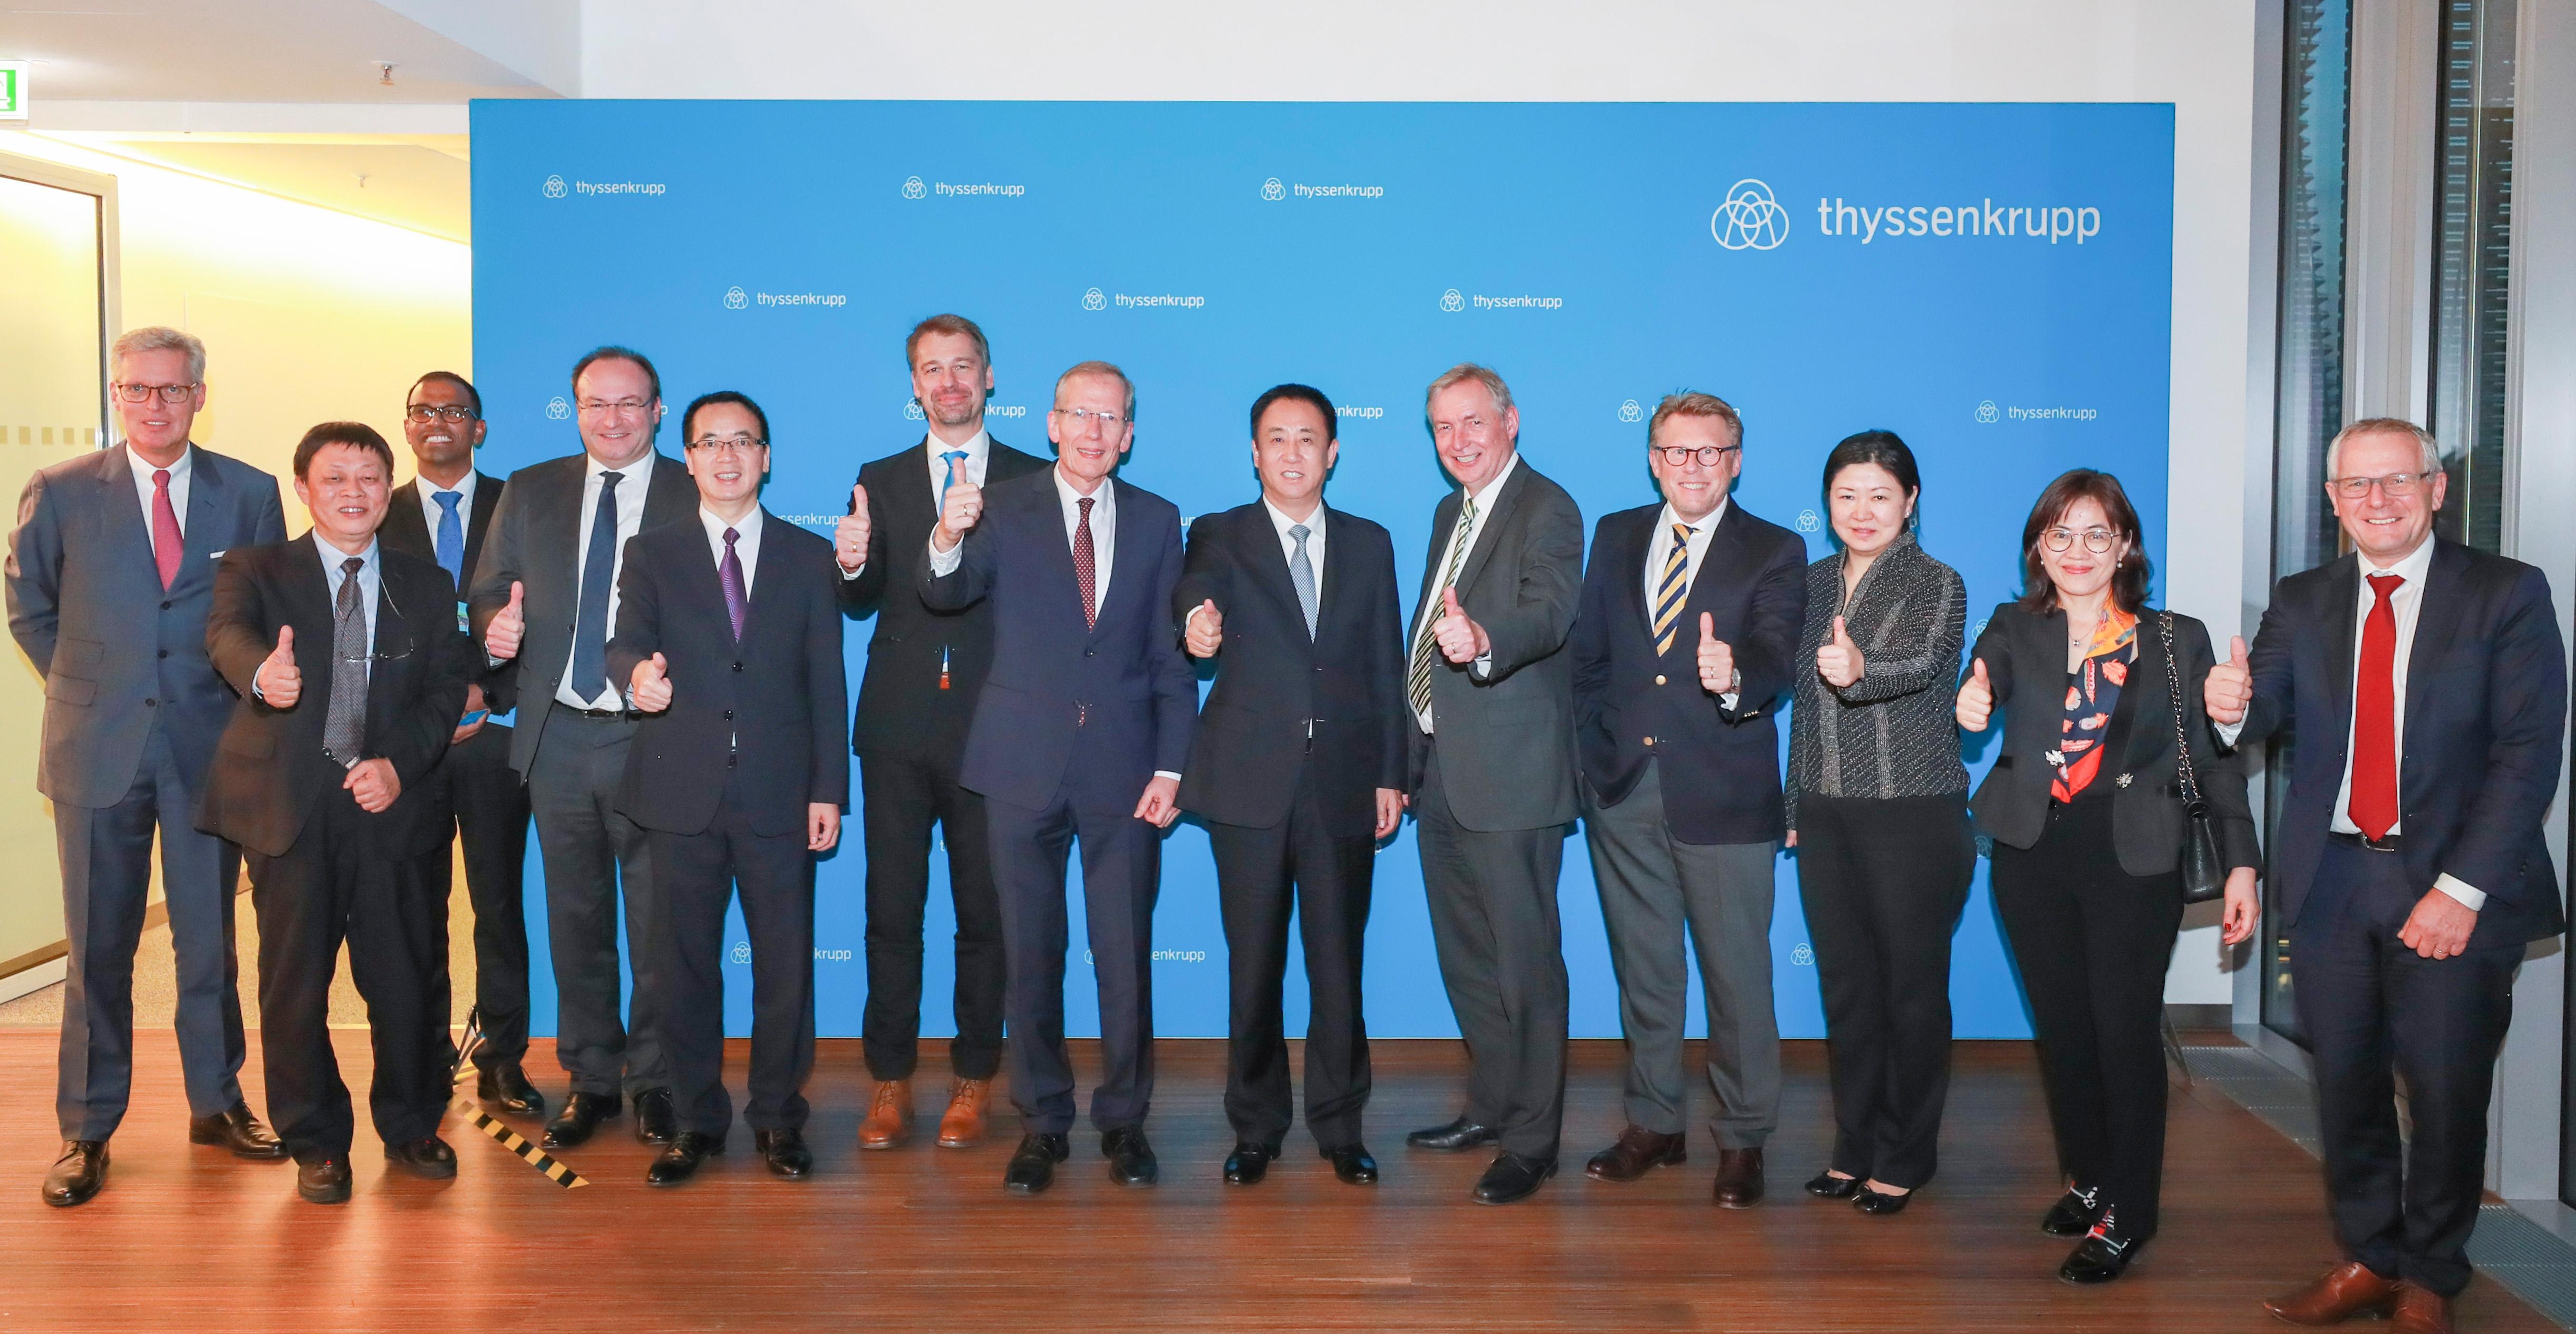 许家印一行与德国蒂森克虏伯集团汽车业务全球CEO Karsten Kroos及高管团队合影